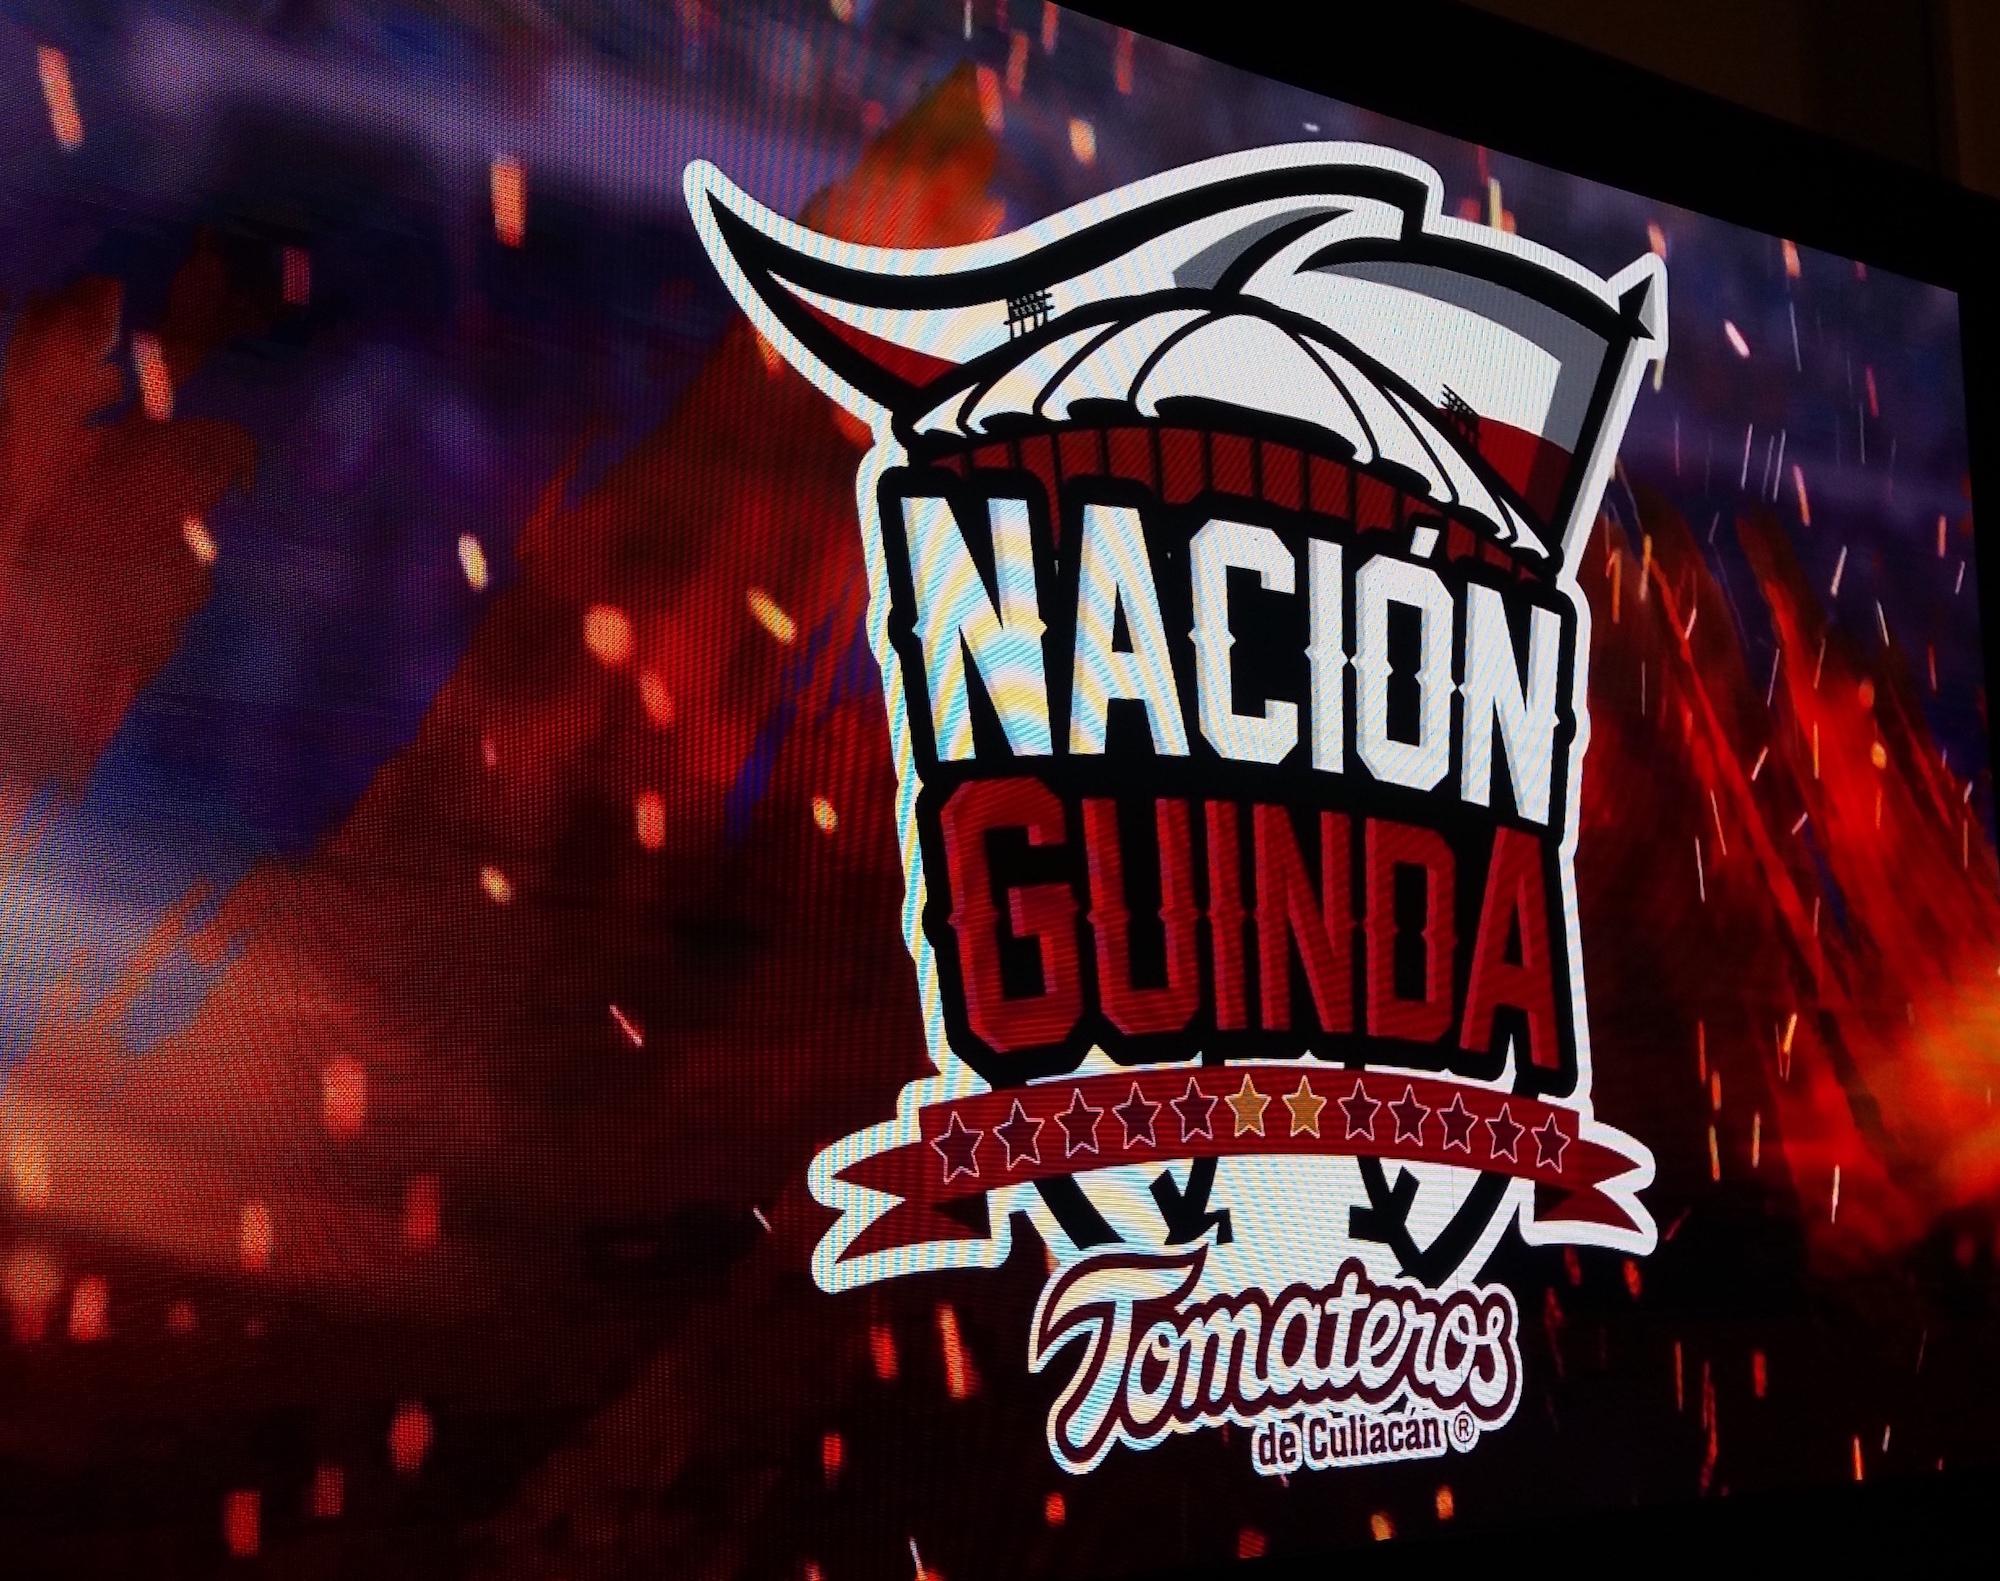 nacion-guinda